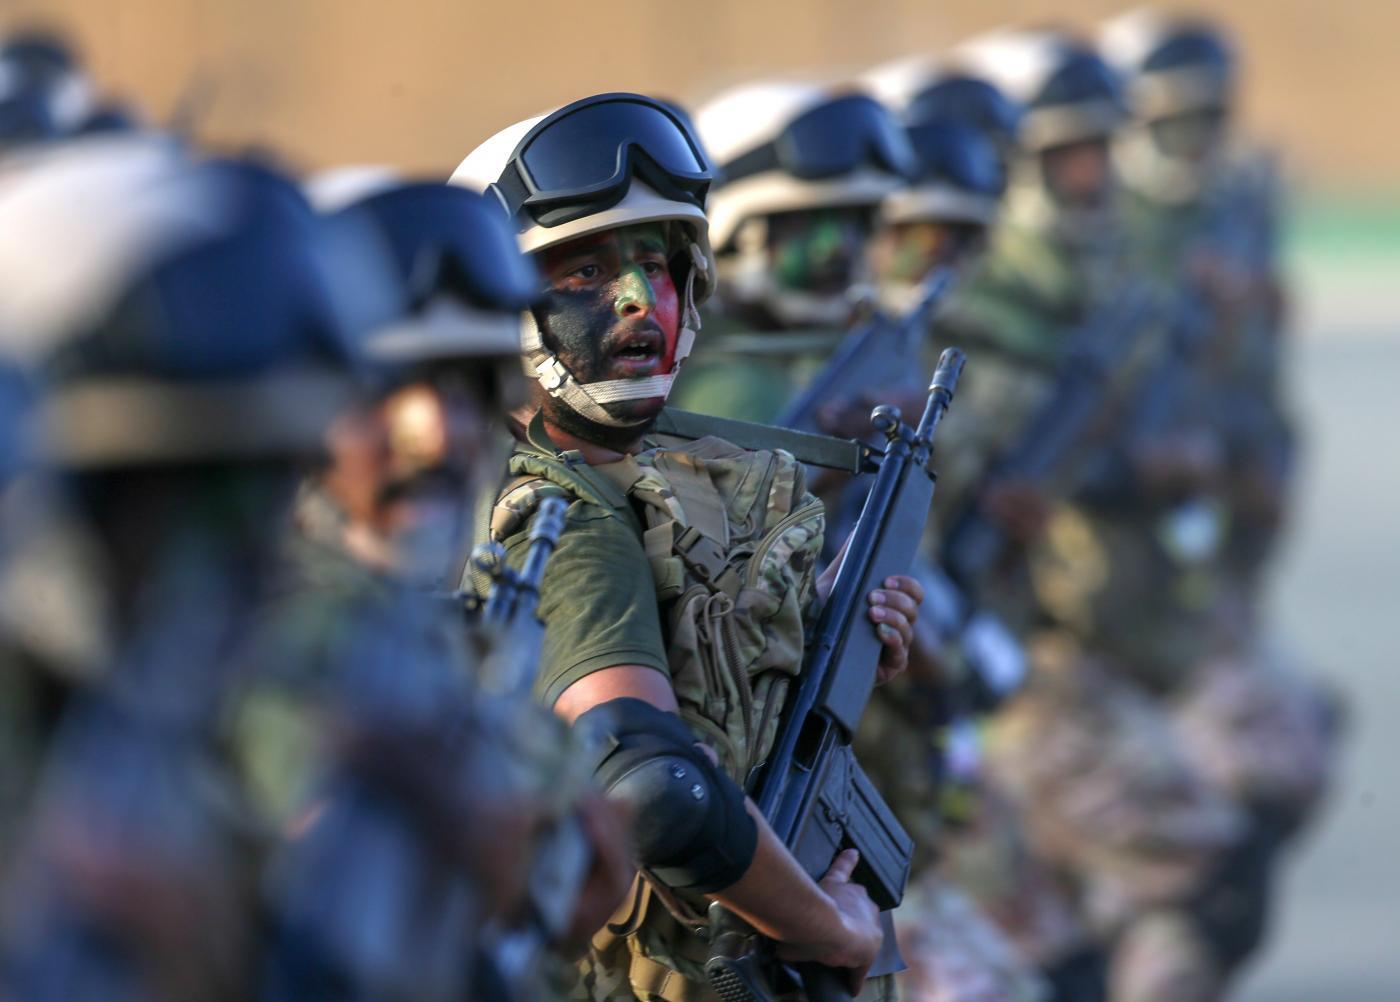 Forze di sicurezza schierate per l'Hajj (LaPresse)